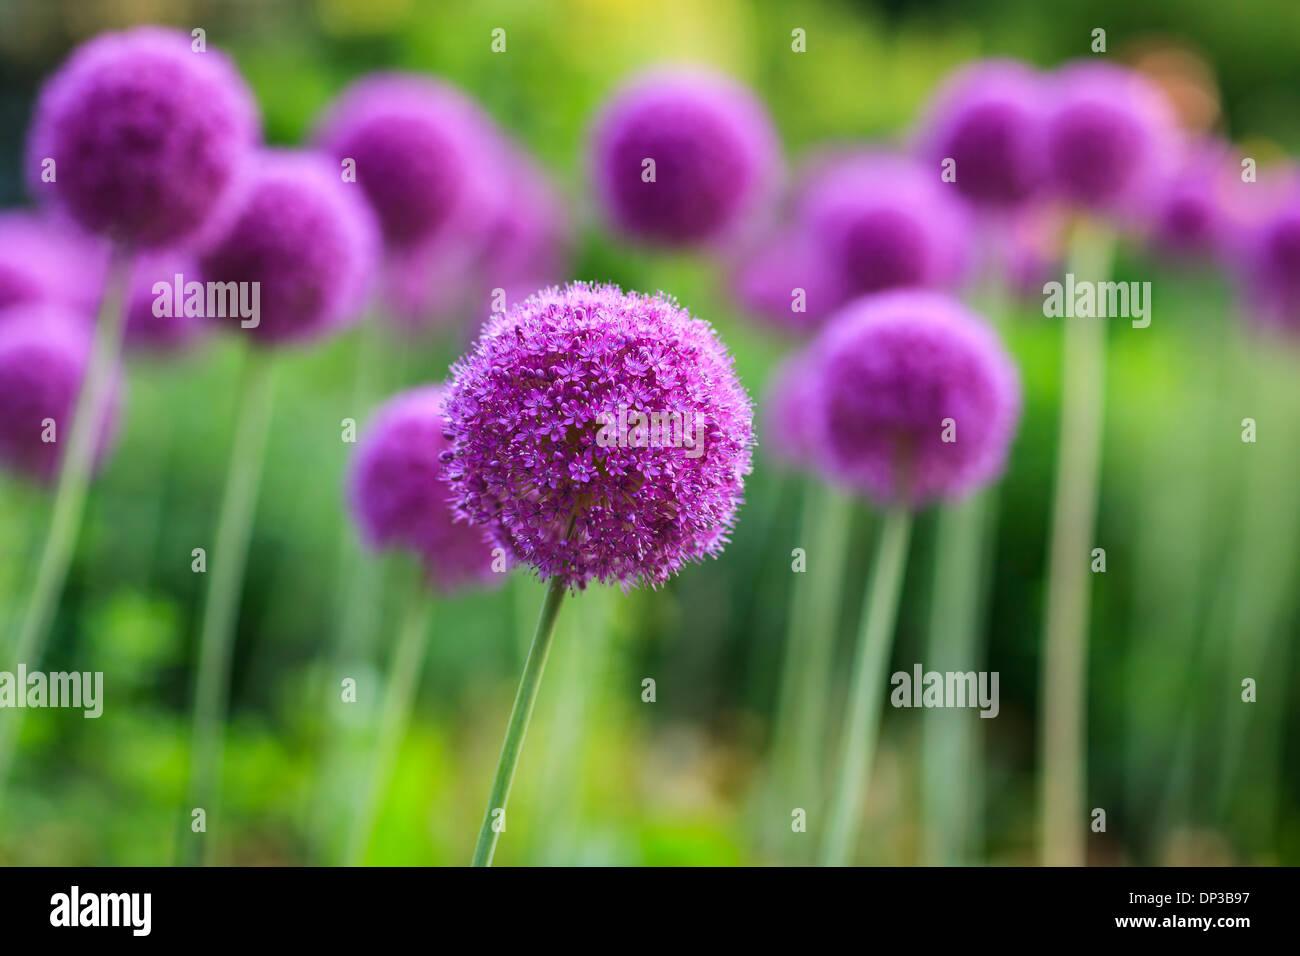 Purple Allium flowers in full bloom. - Stock Image